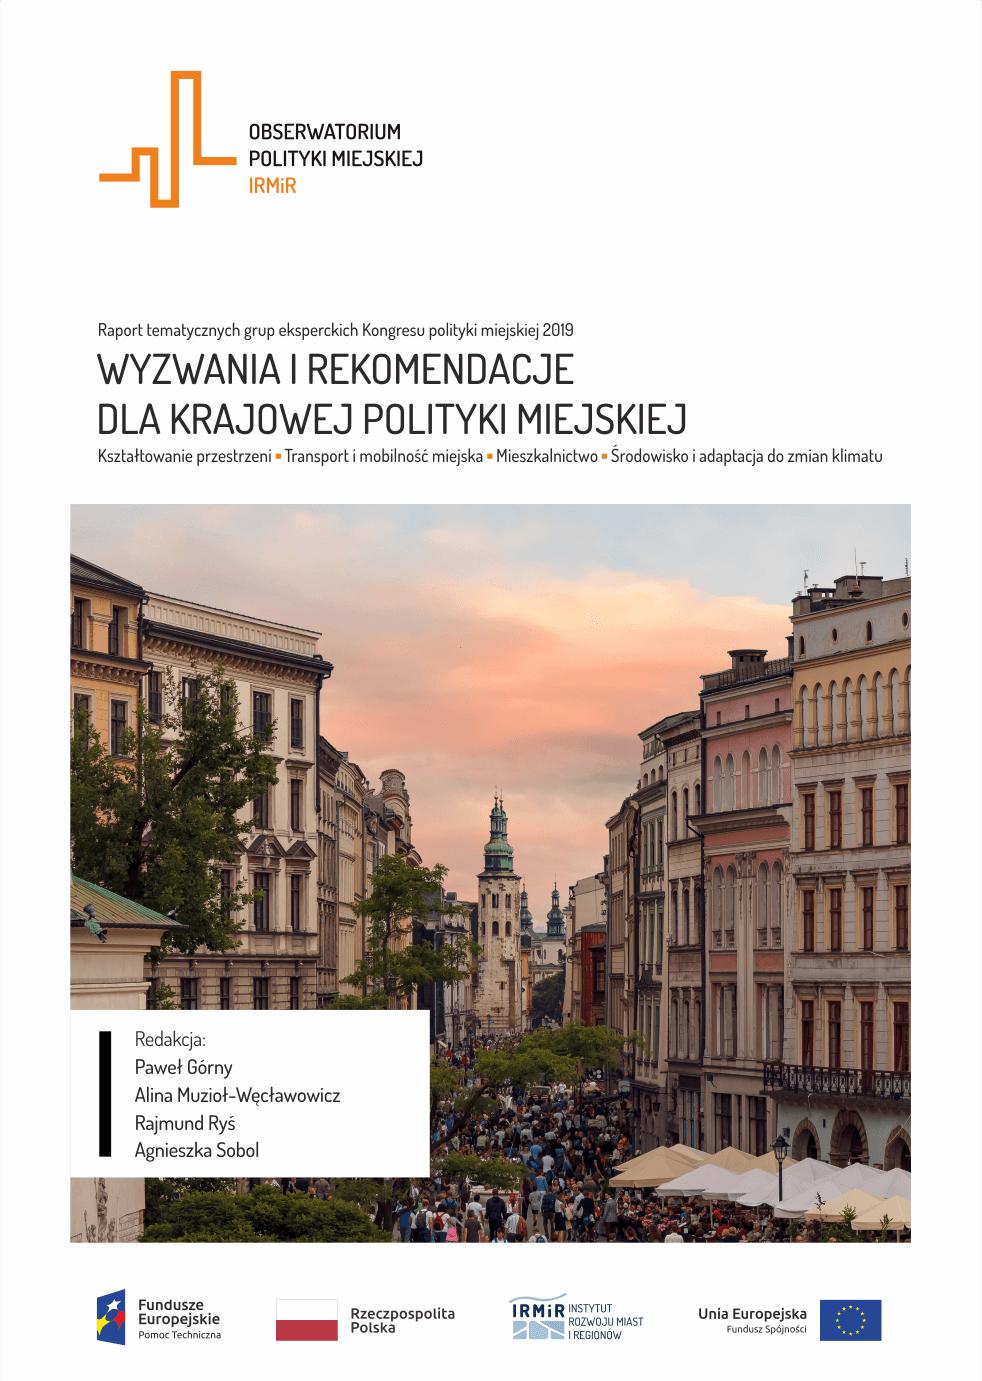 wyzwania i rekomendacje- krajowa polityka miejska - raport